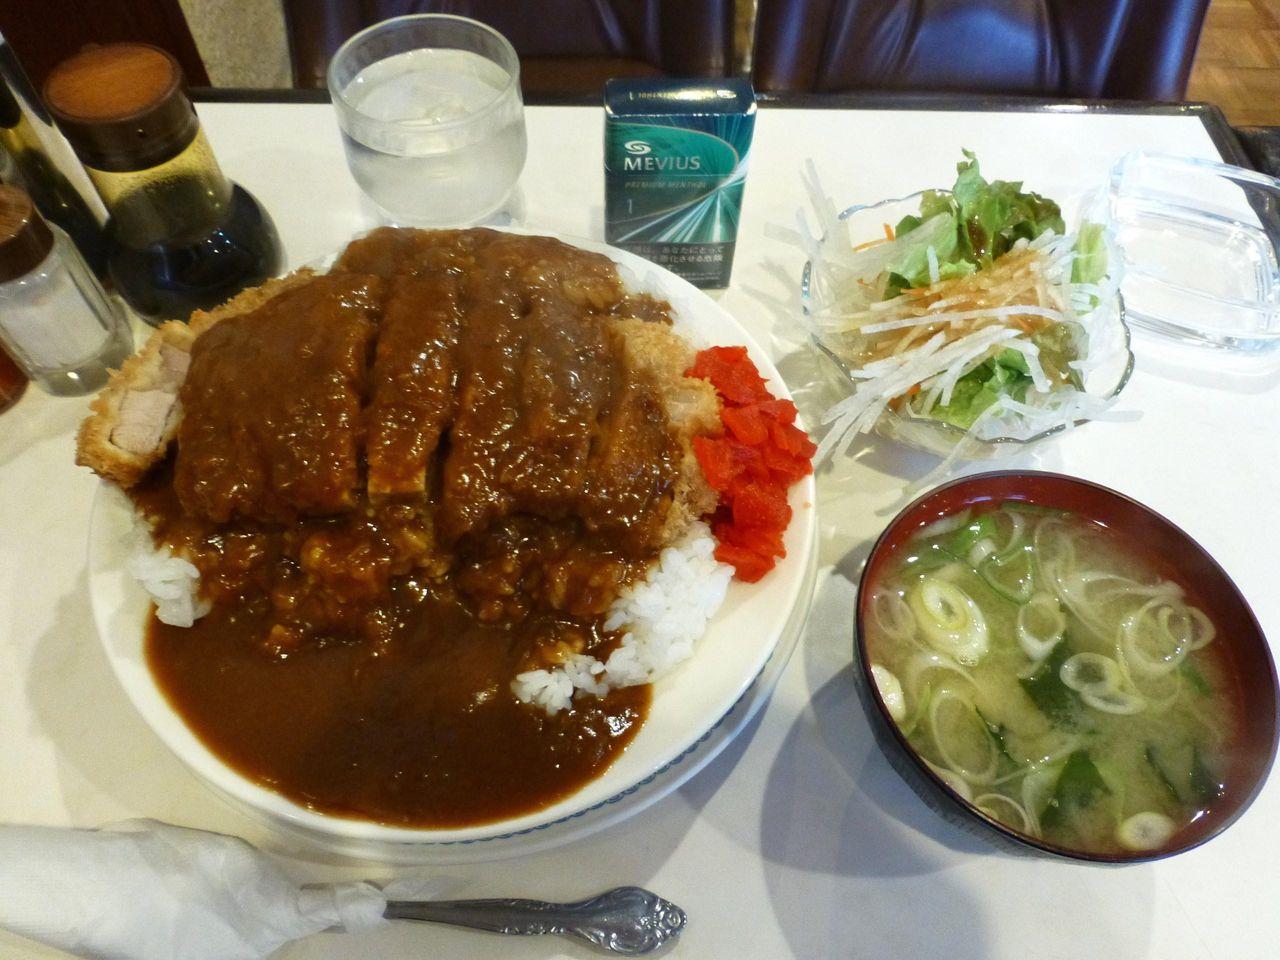 サラダ、みそ汁も付いて凄いボリューム!カツカレー大盛980円!